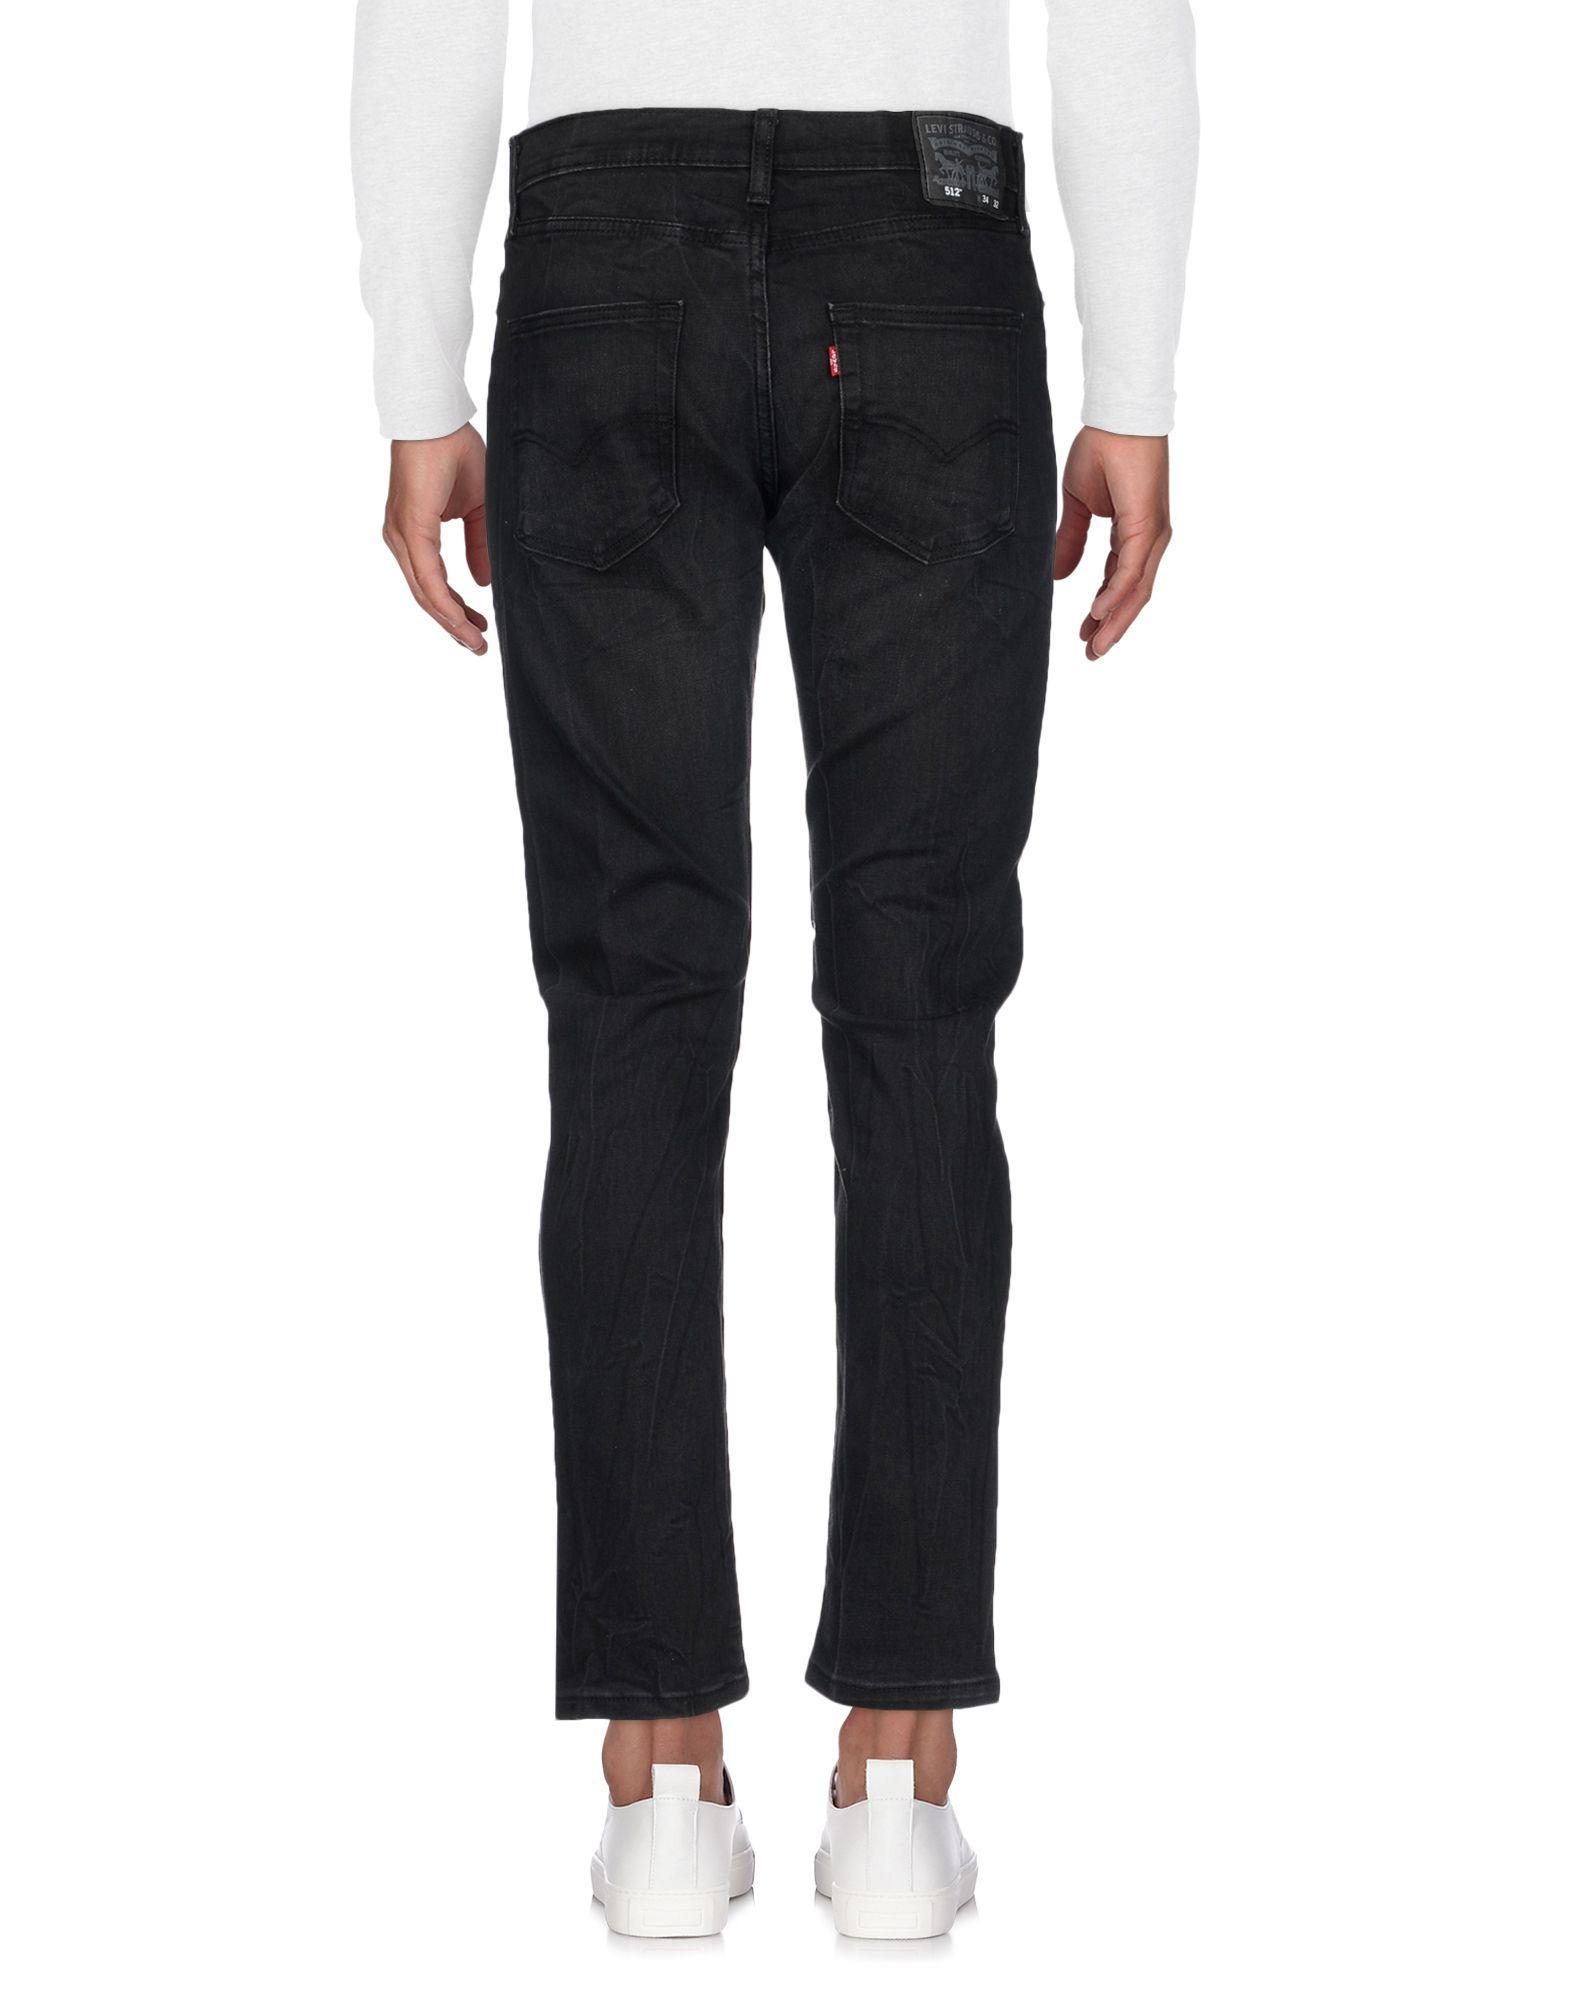 Levi's Denim Pants in Black for Men